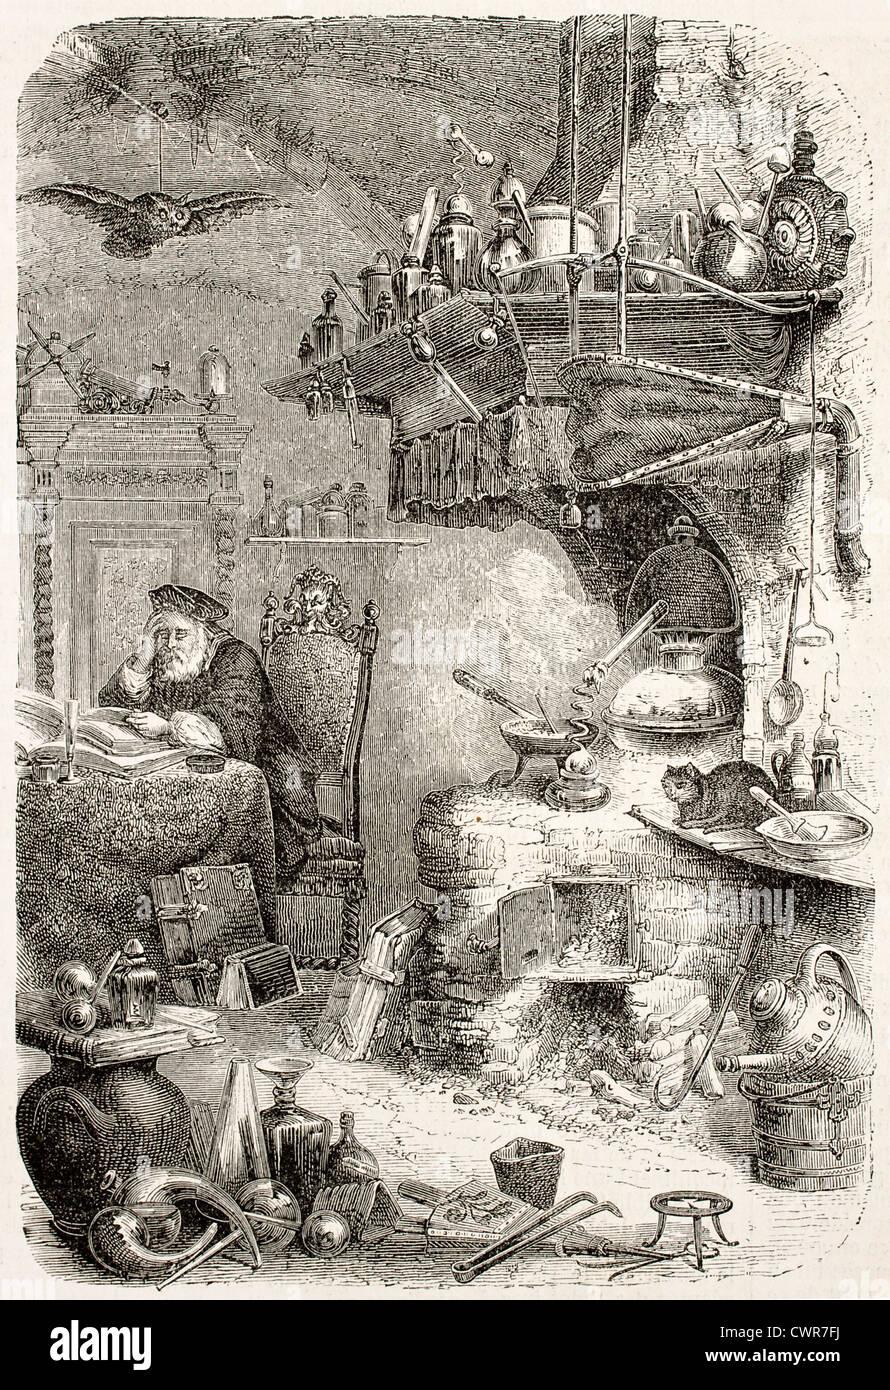 Alchemist laboratory - Stock Image